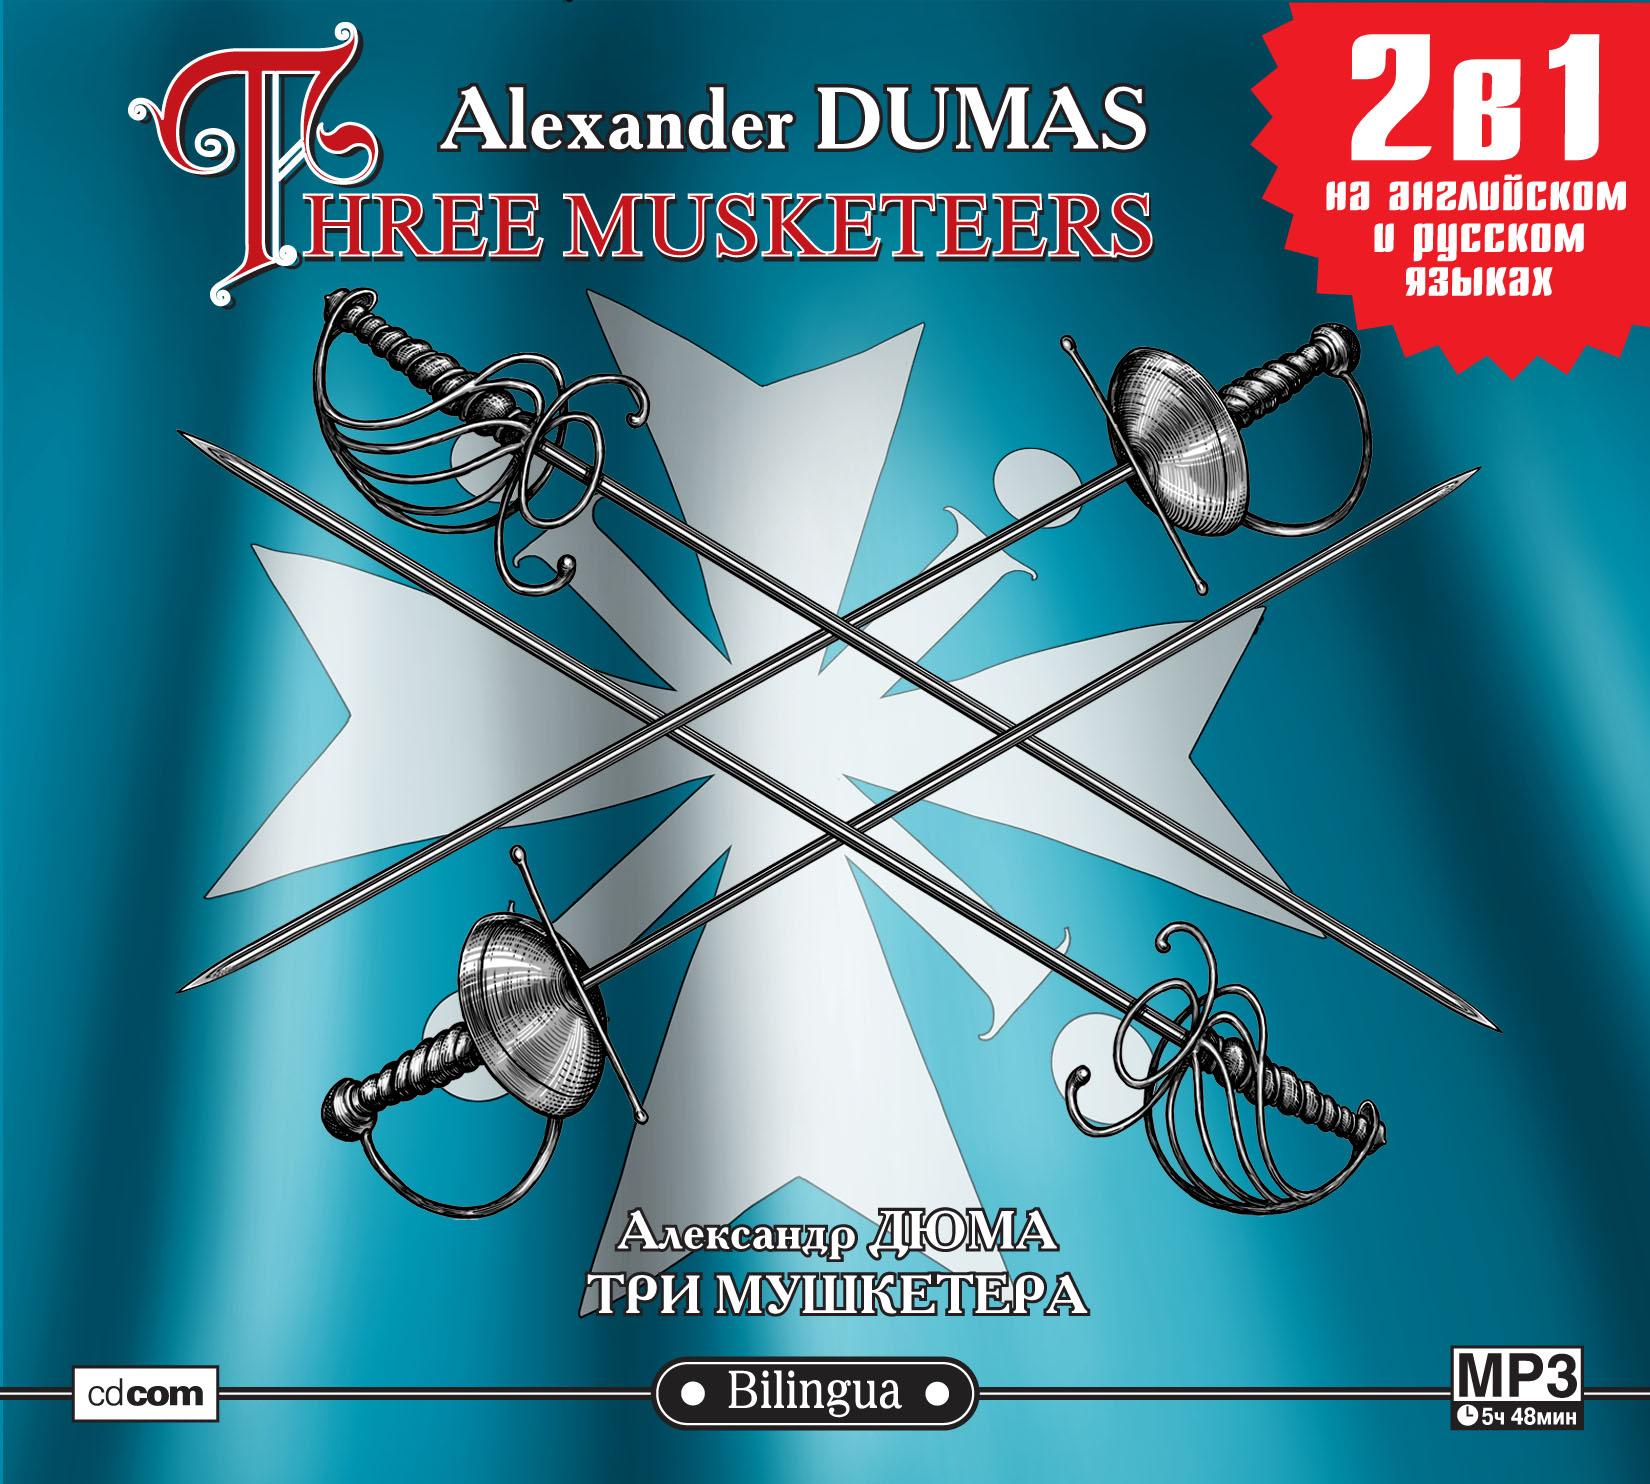 Александр Дюма The Three Musketeers / Три мушкетера александр дюма the three musketeers